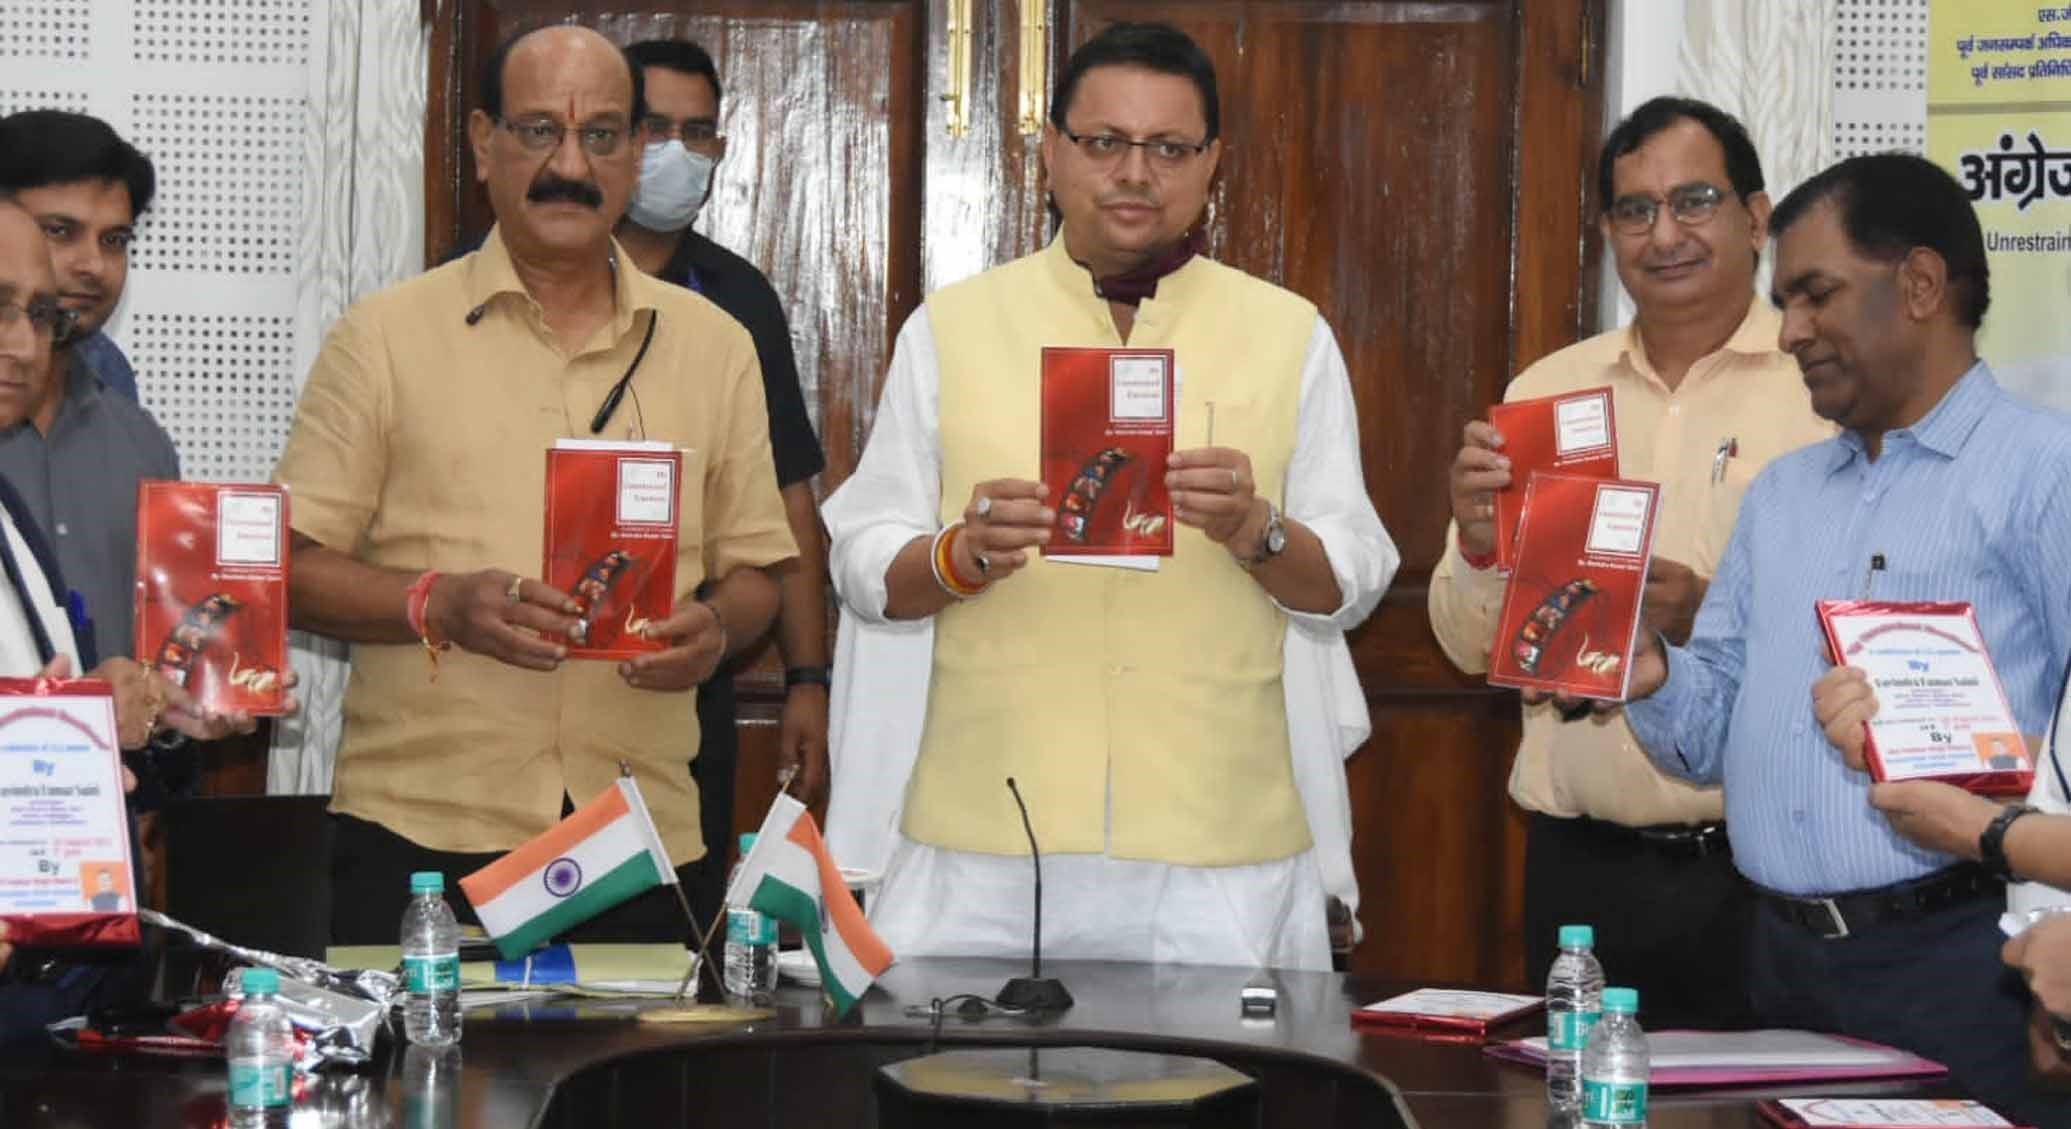 सीएम पुष्कर धामी ने किया रविन्द्र कुमार सैनी के अंग्रेजी काव्य संग्रह  का विमोचन